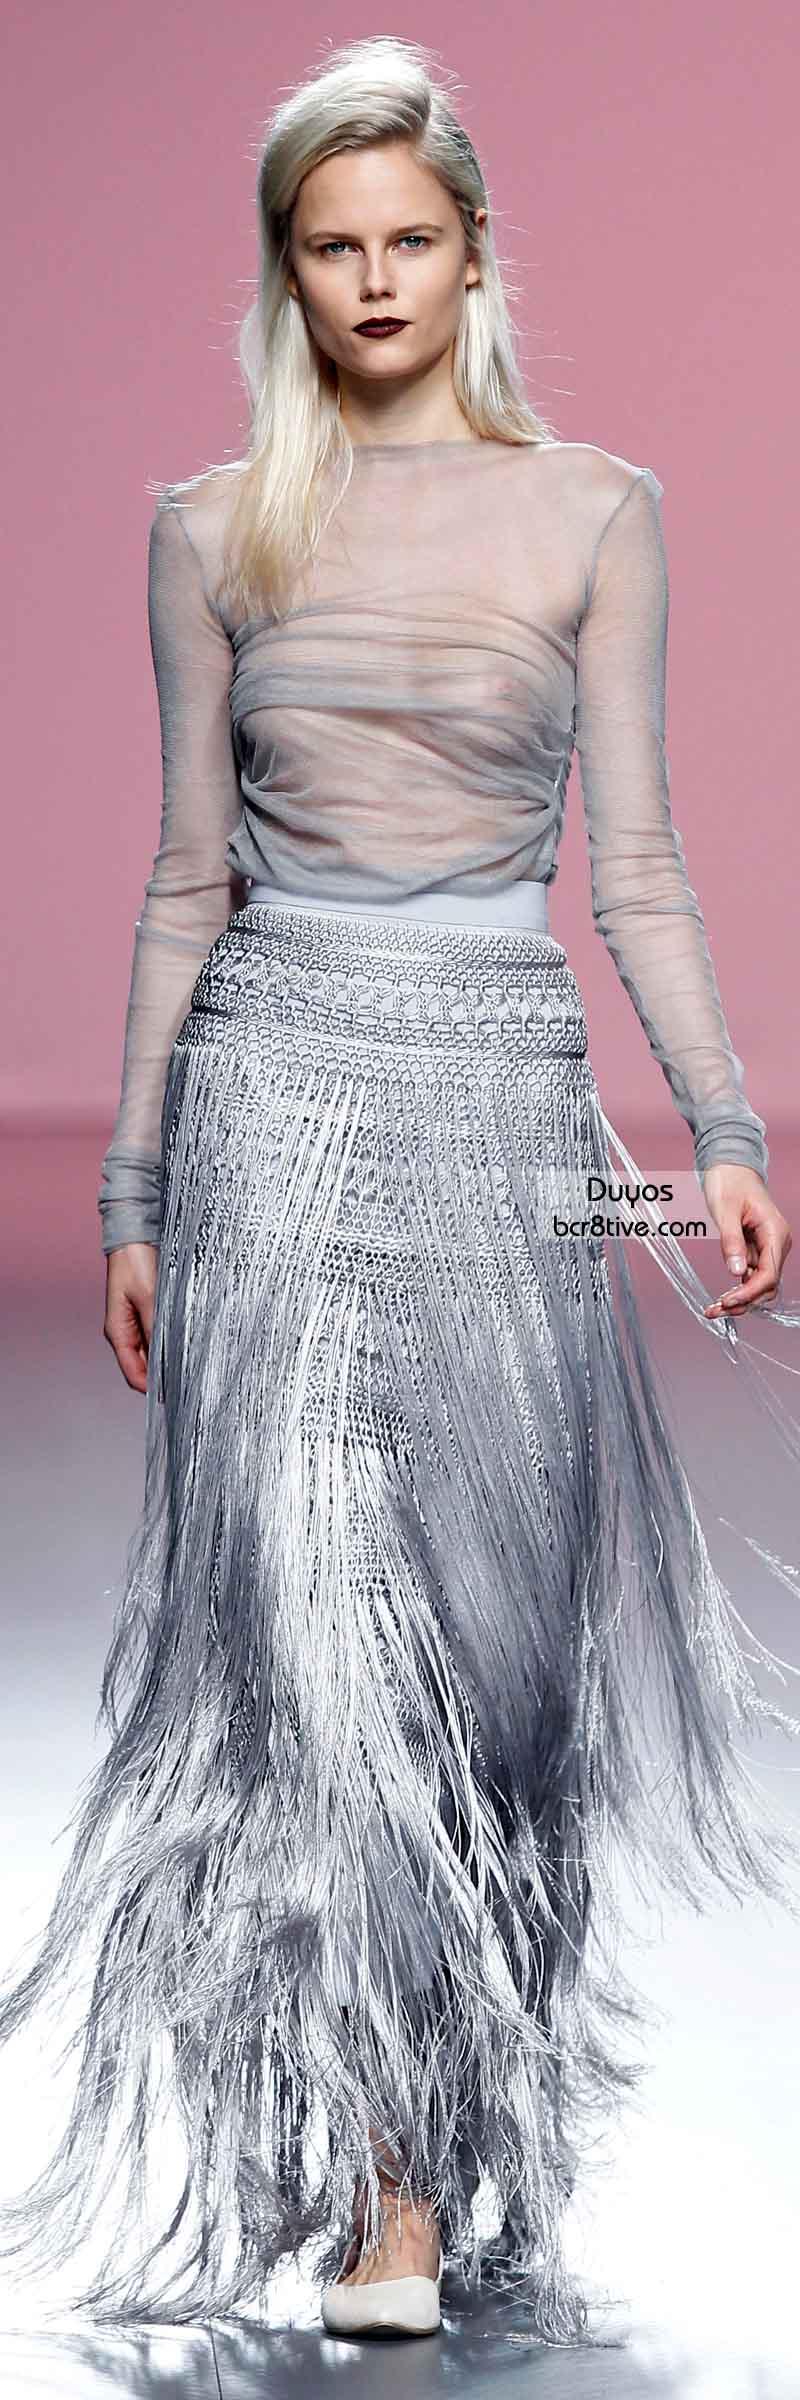 Duyos FW 2014 #MadridFashionWeek